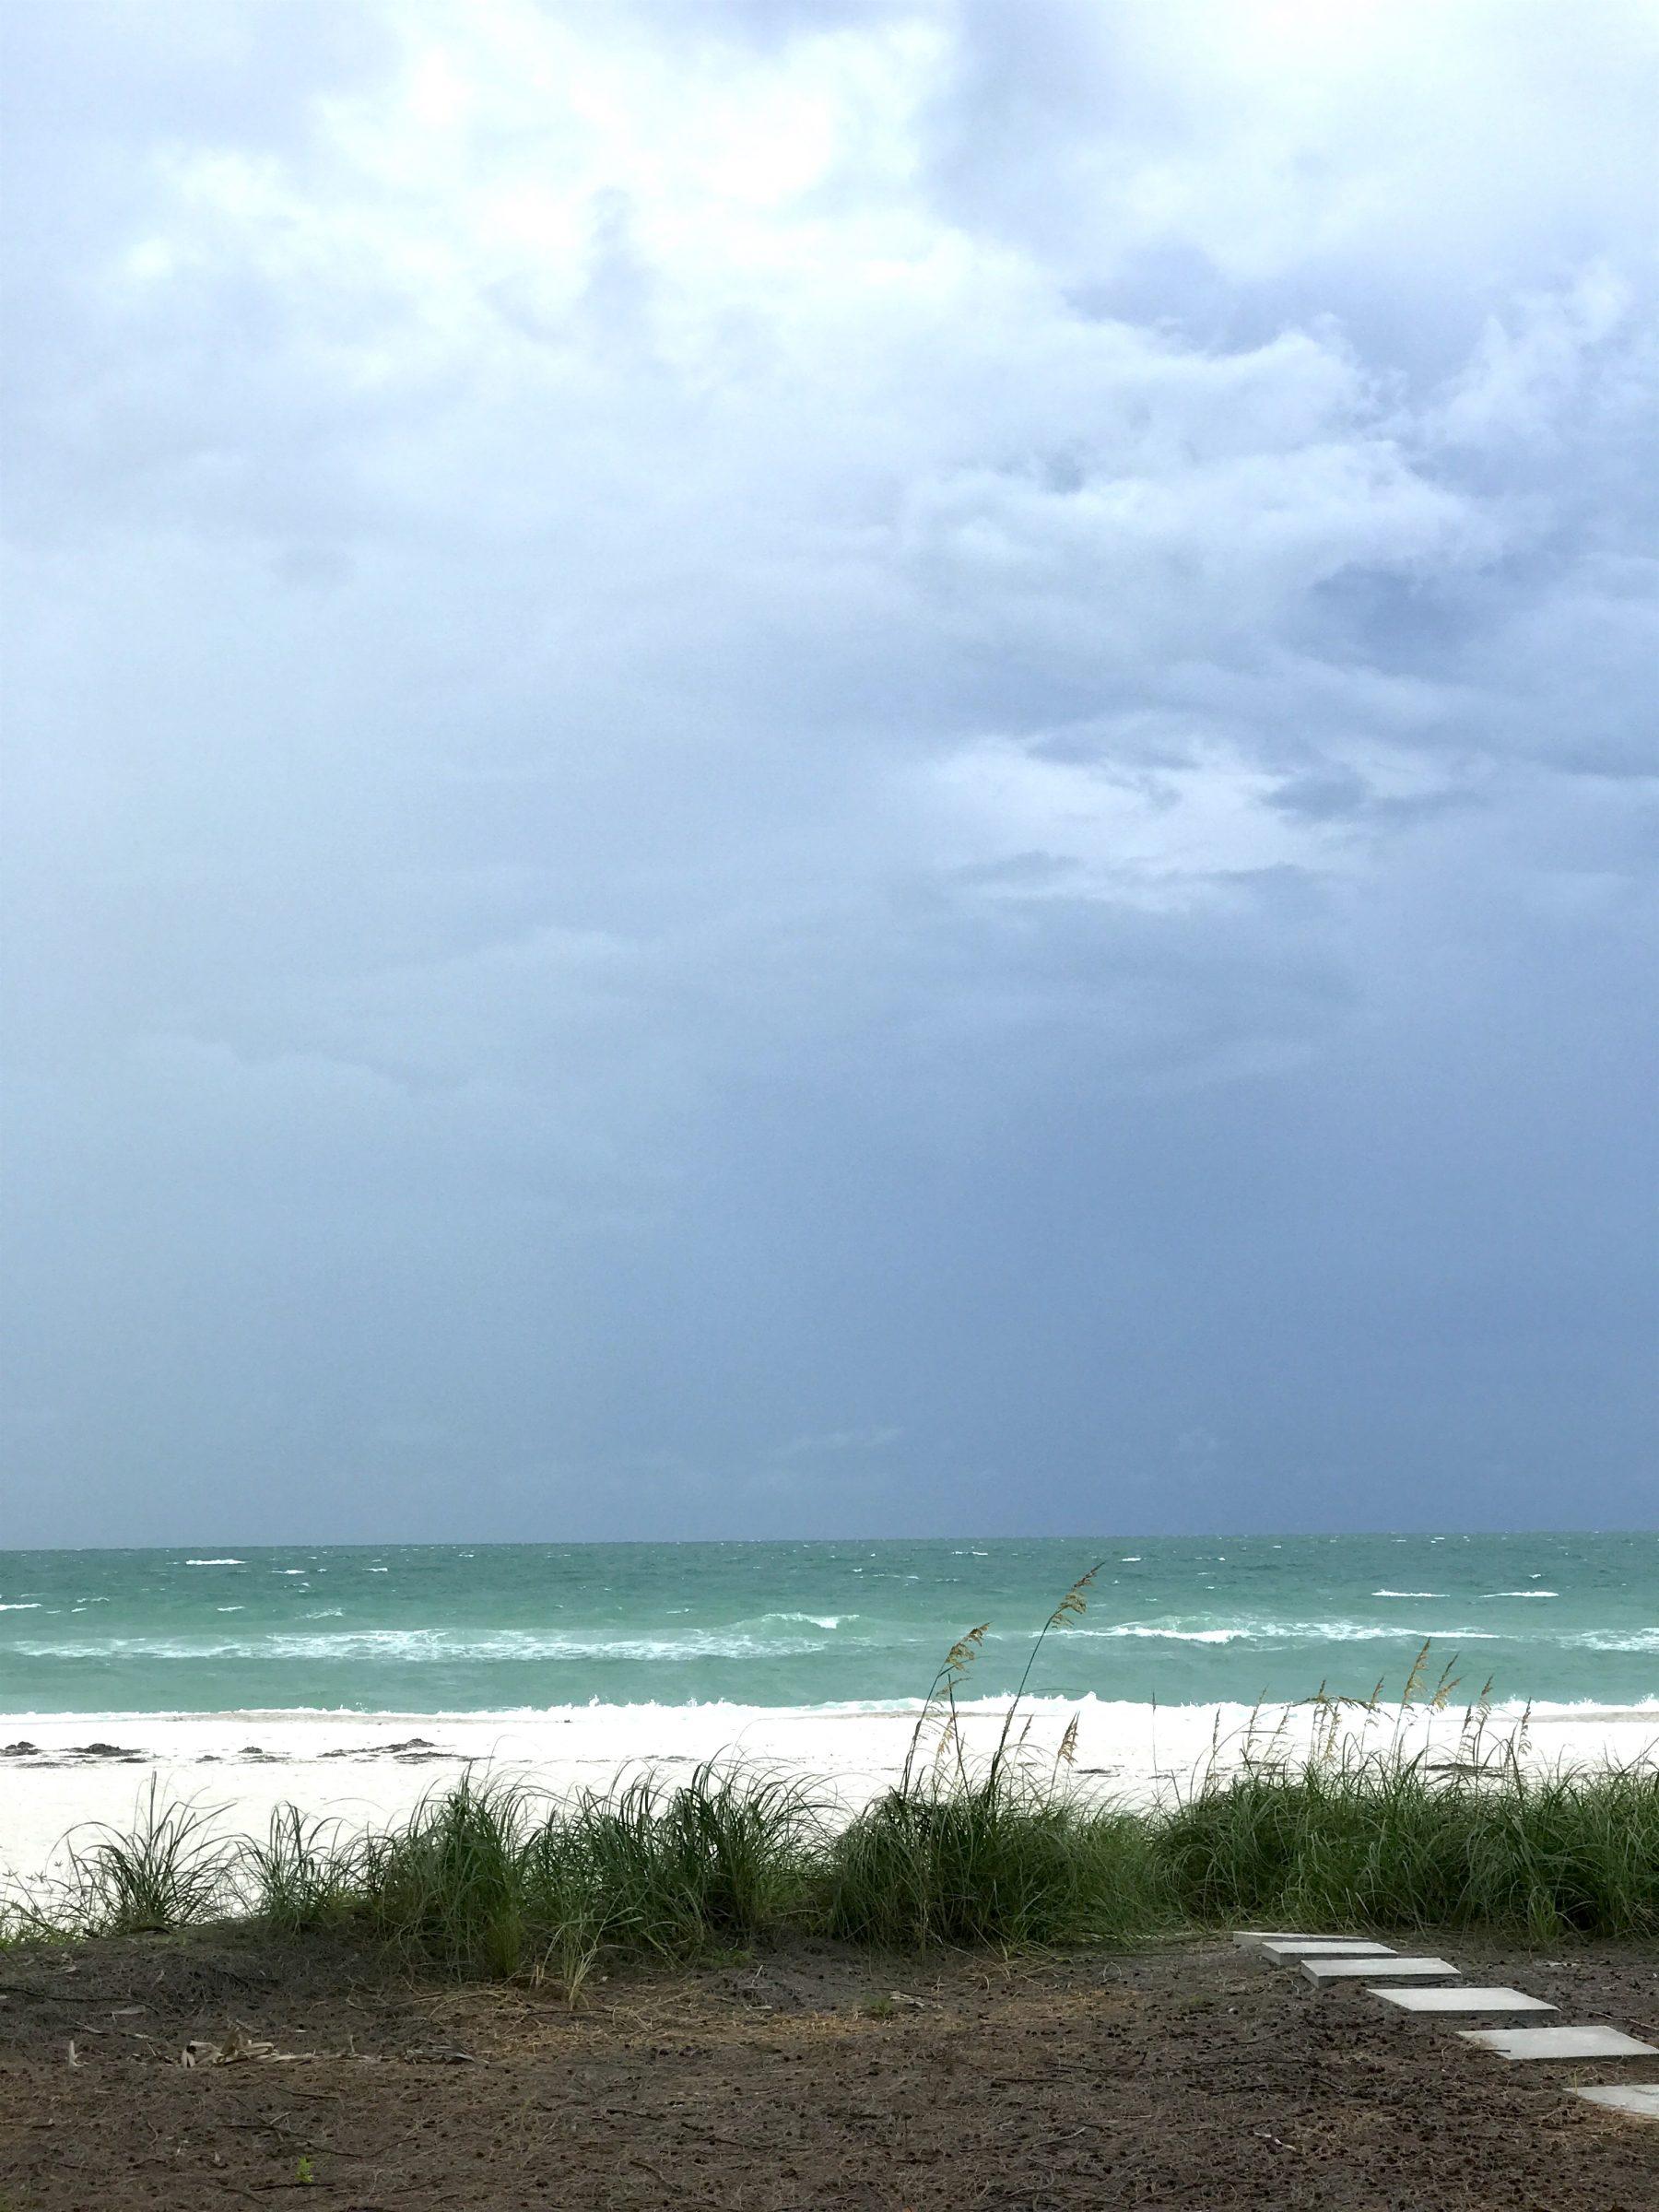 Anna maria island beach report-4904